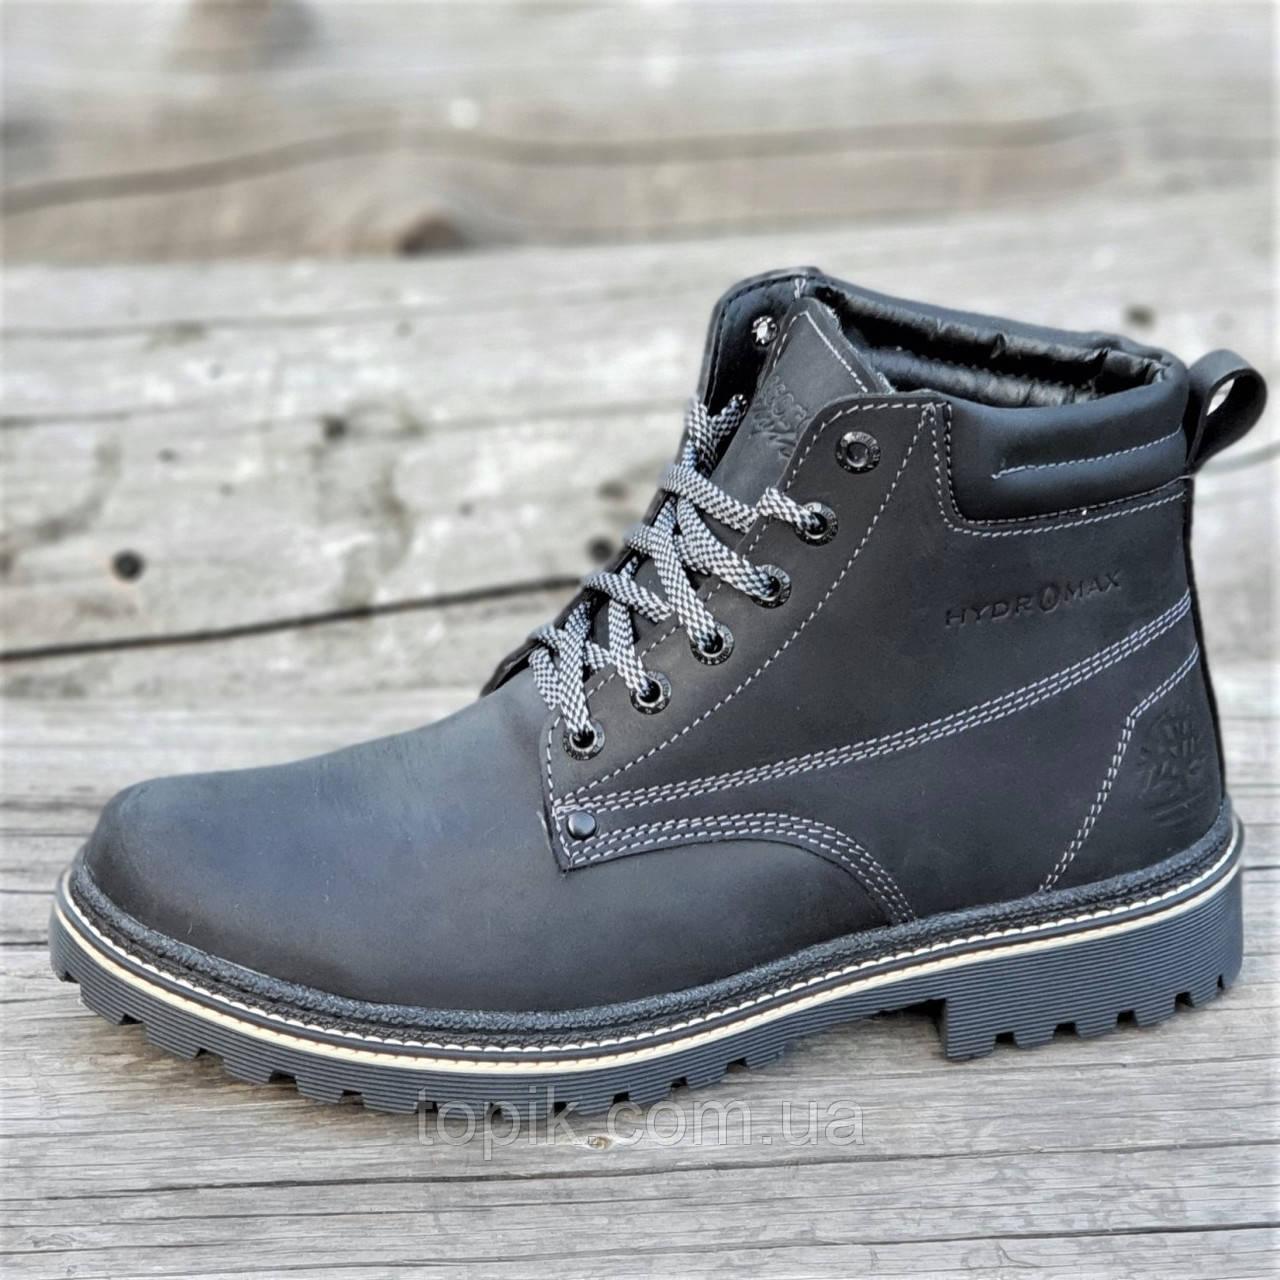 Стильные зимние кожаные ботинки мужские черные натуральный мех на толстой зимней подошве (Код: 1281)